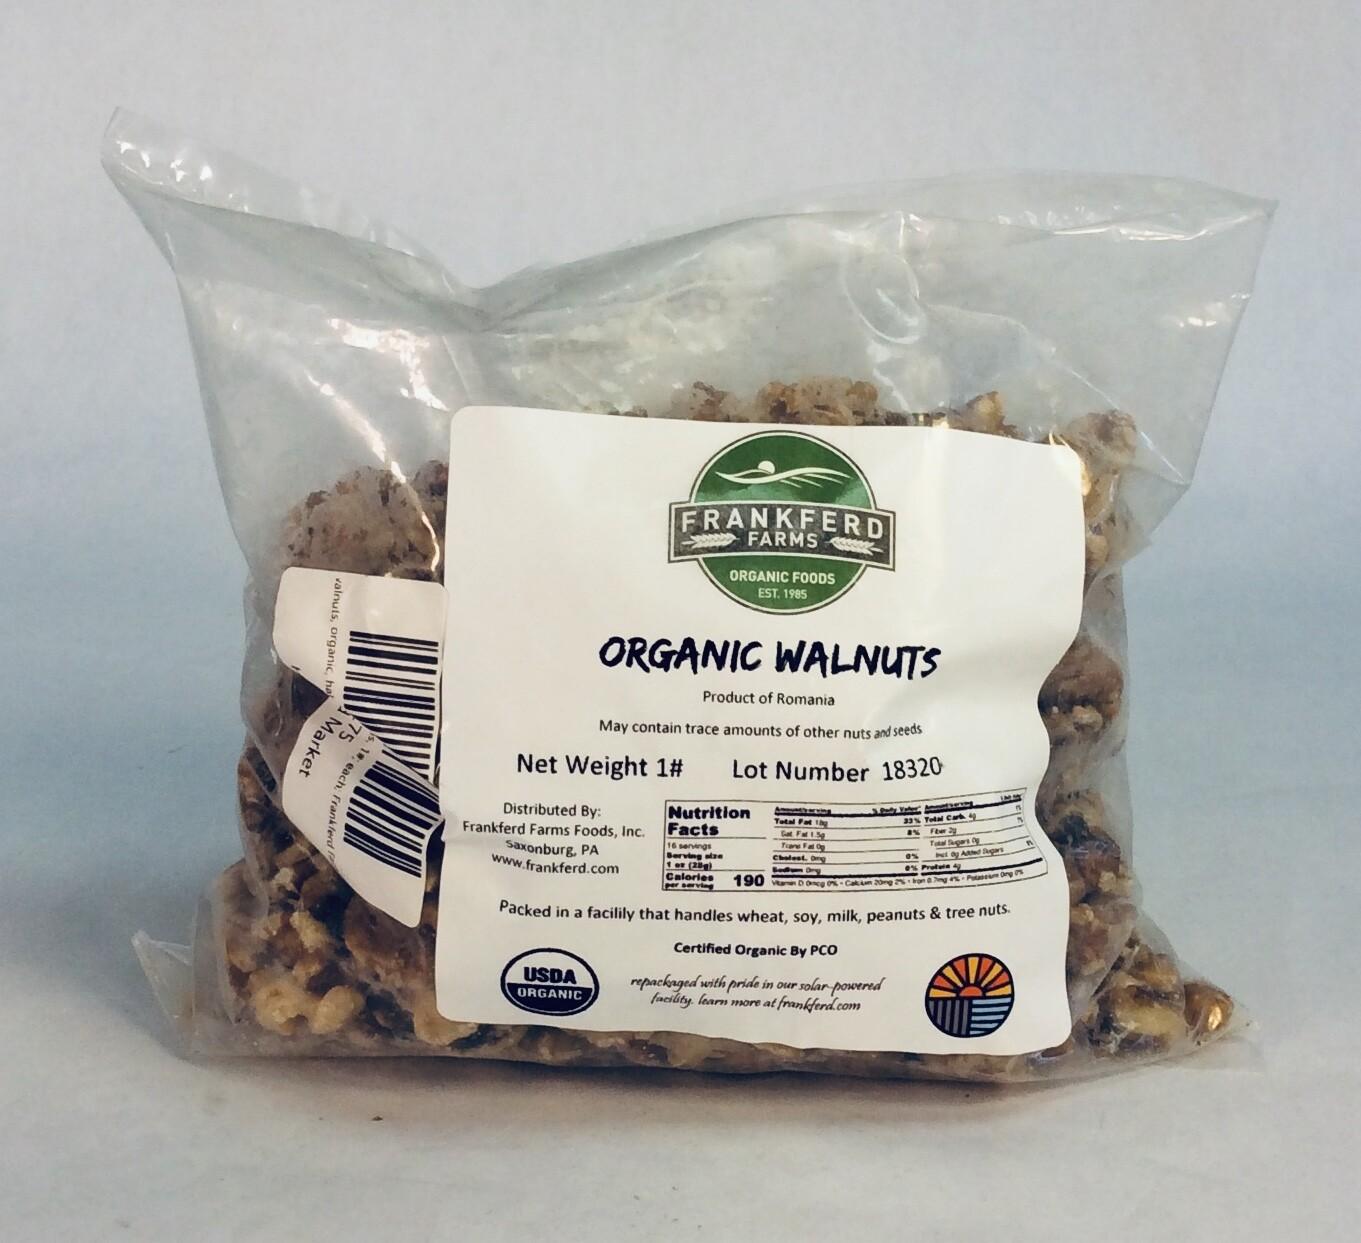 walnuts, organic, halves & pieces, 1#; each; Frankferd Farms